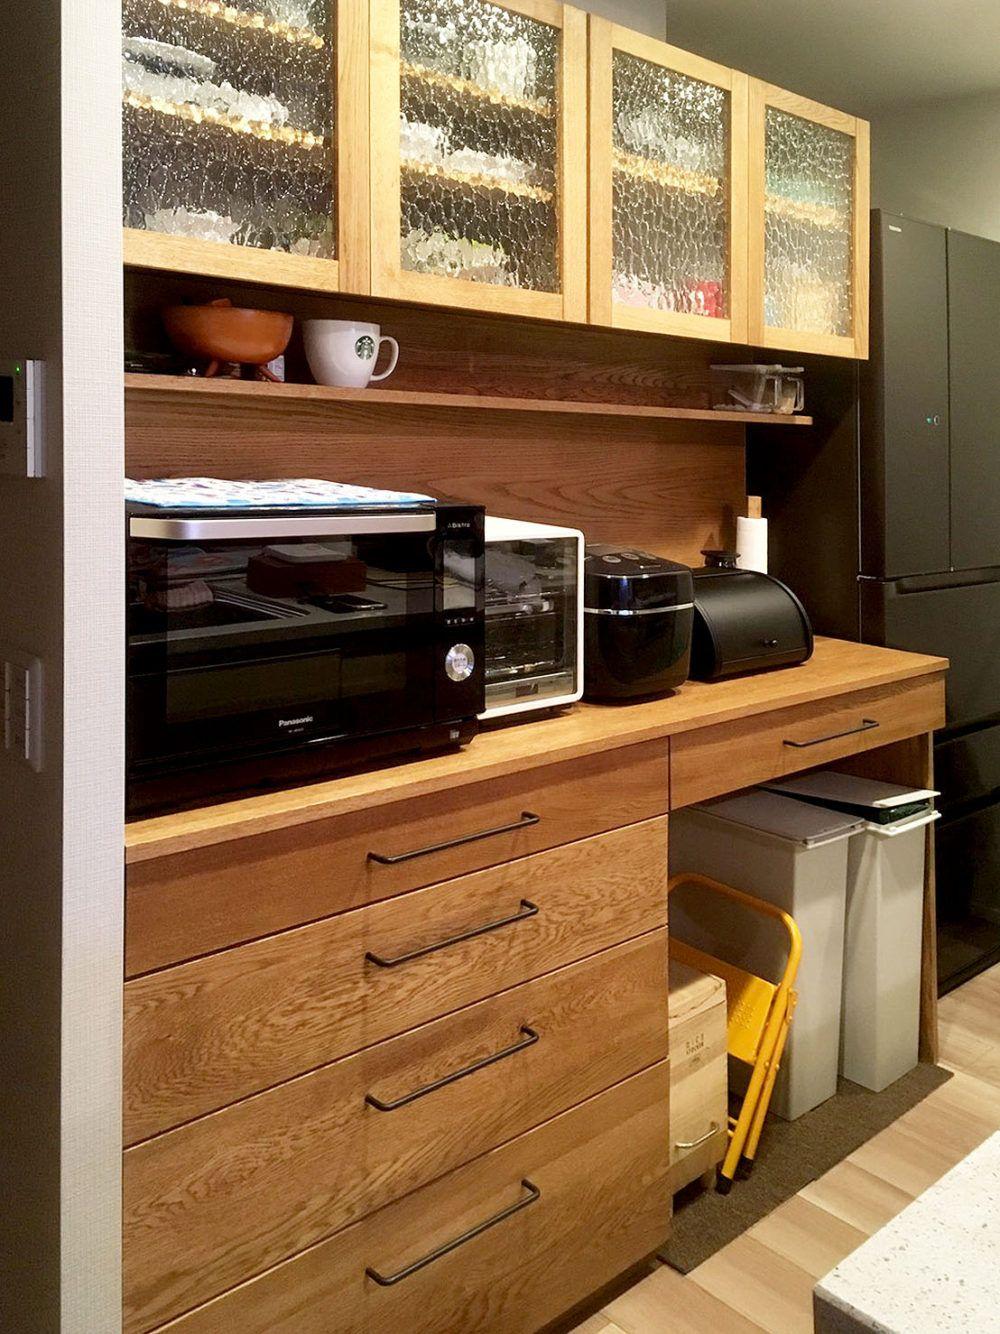 オーダー家具・食器棚・カップボード/関西・兵庫 srcset= | บ้าน ในปี